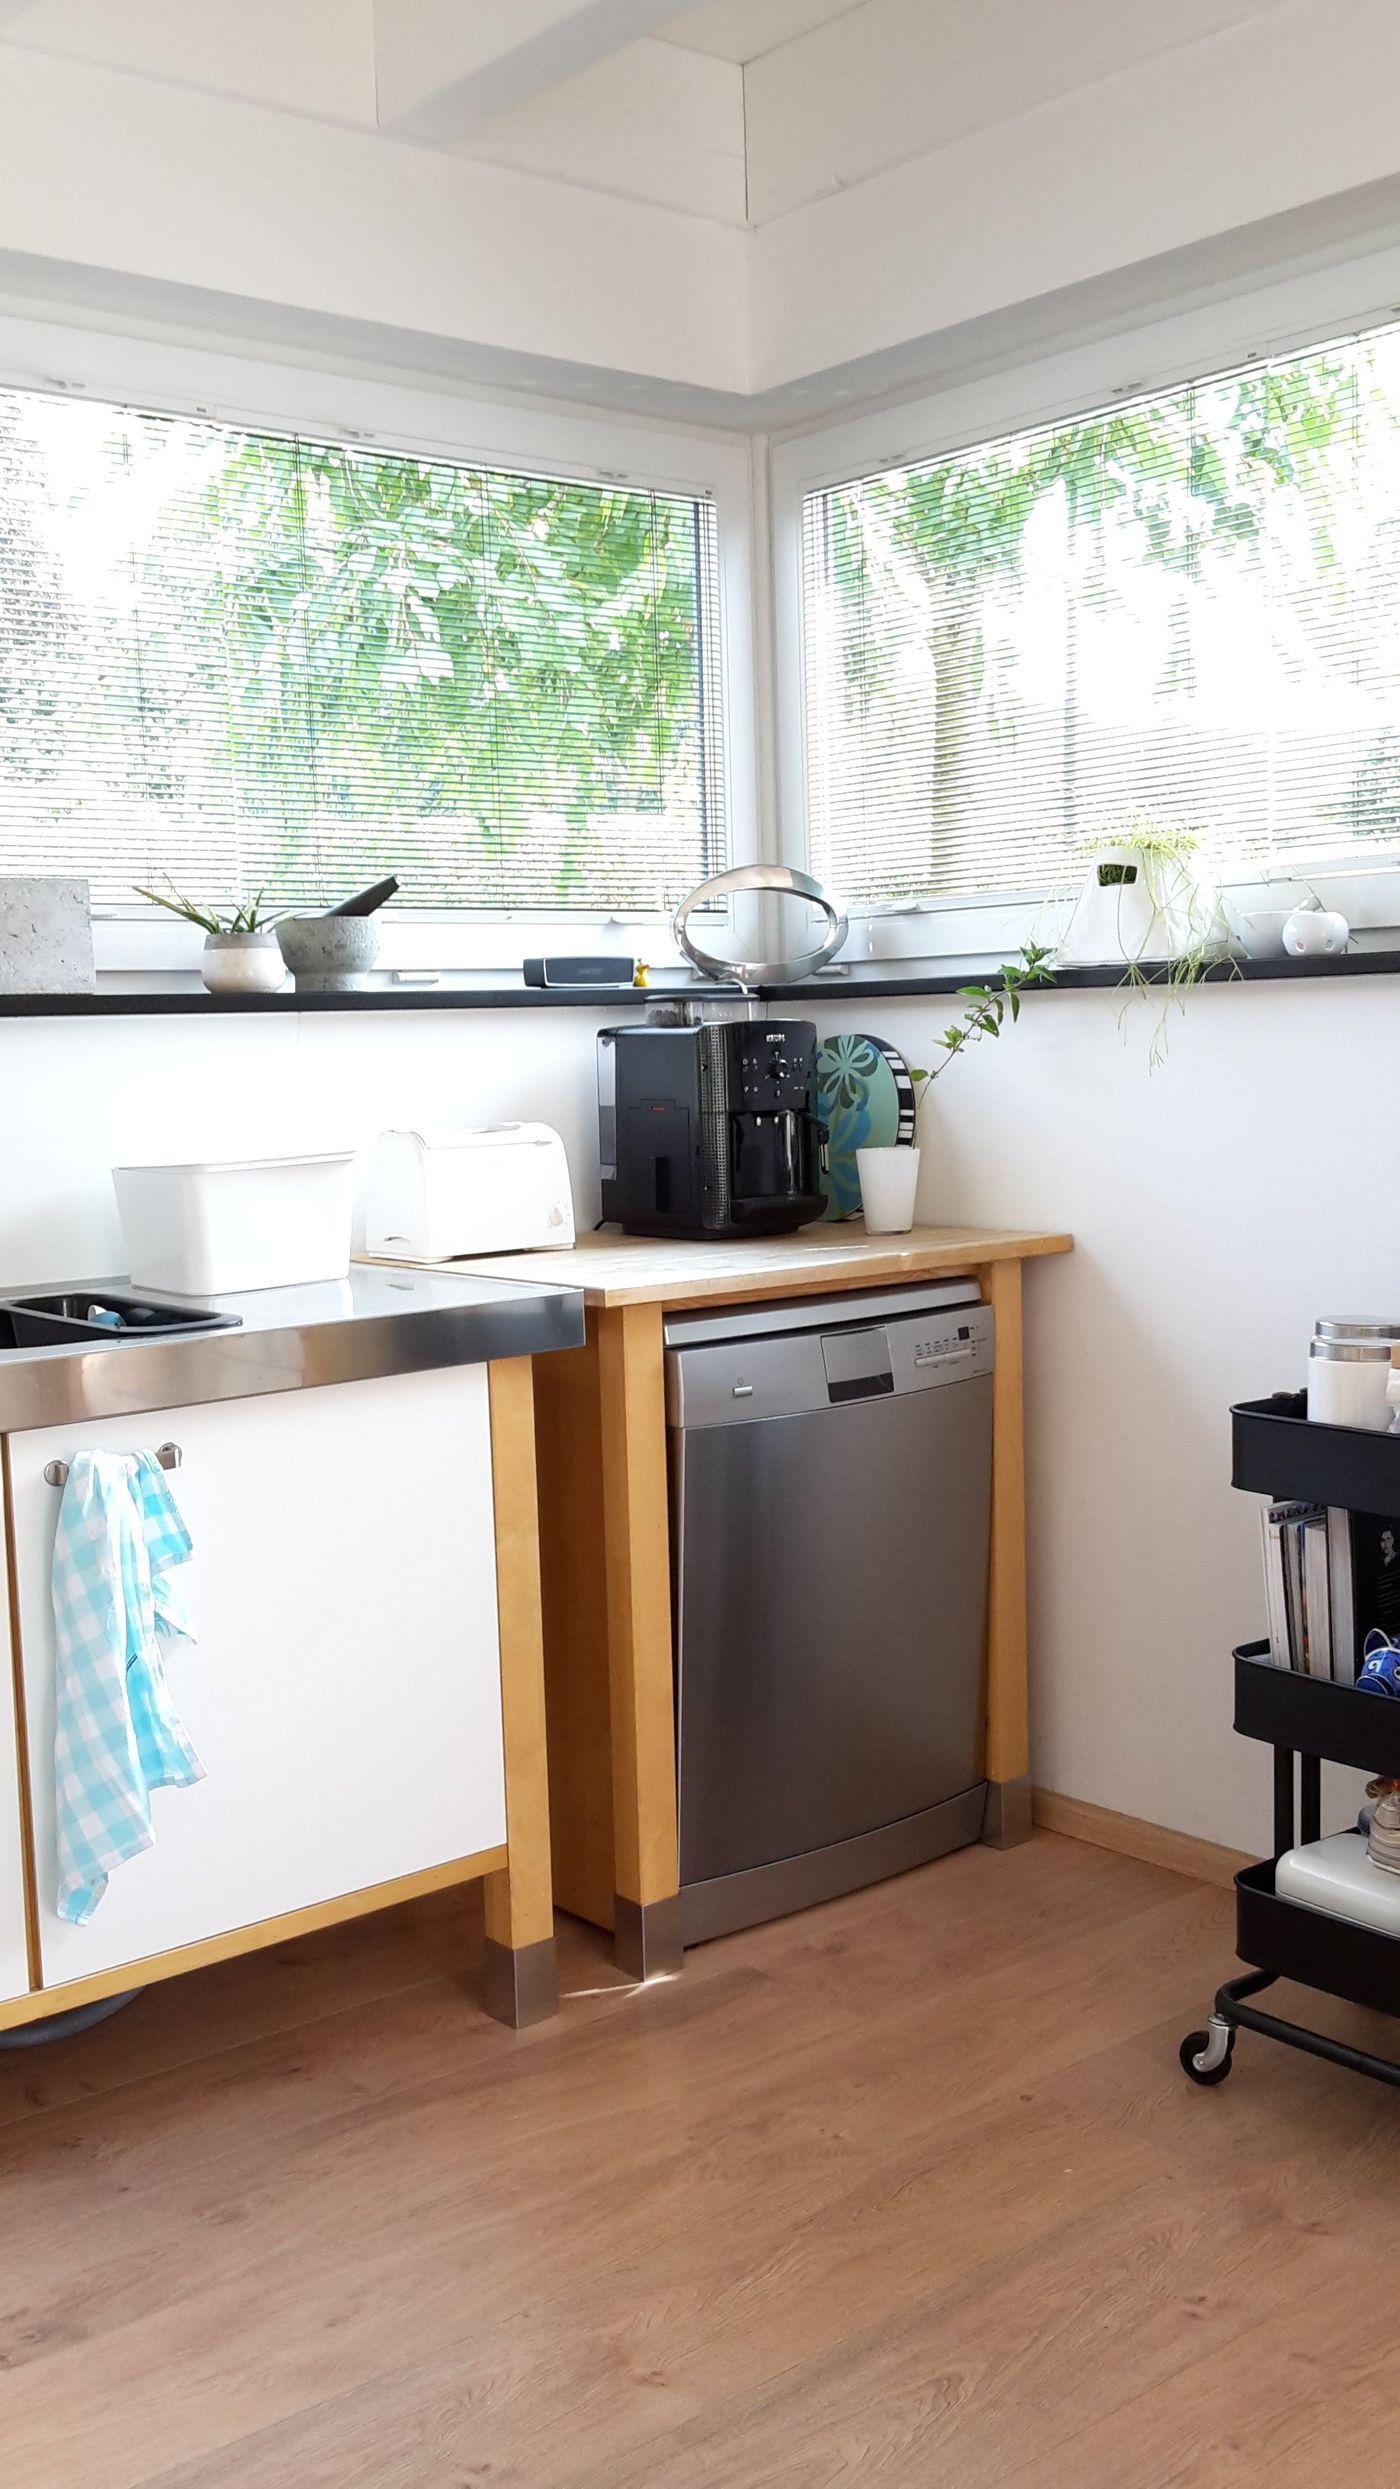 Full Size of Schne Ideen Fr Das Ikea Vrde System Kche Seite 4 Teppich Für Küche Kleine Einbauküche Tapete Holzofen Arbeitsplatte Finanzieren Lieferzeit Gebrauchte Wohnzimmer Värde Küche